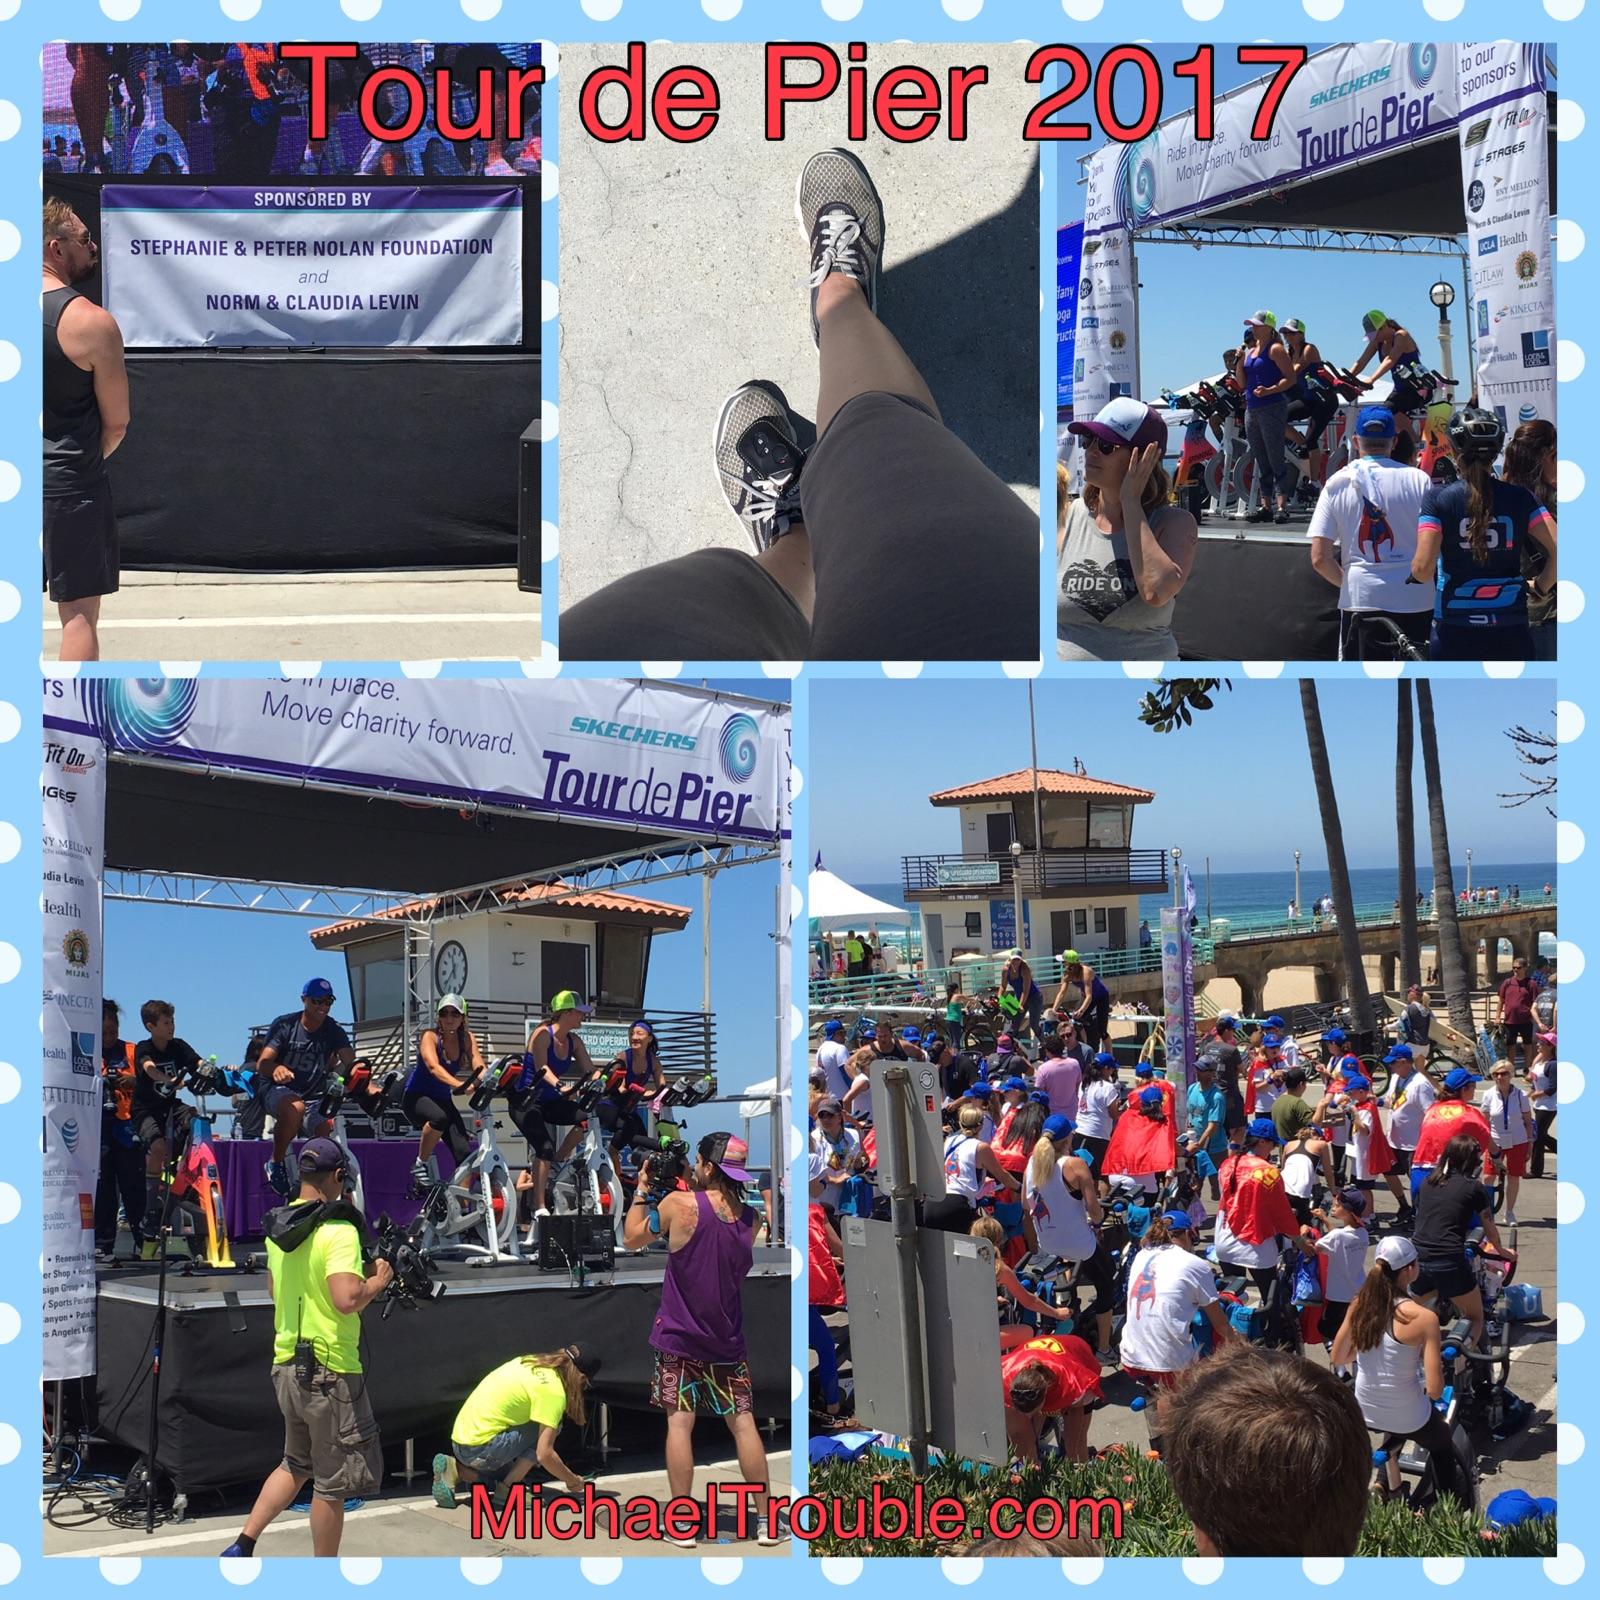 Tour de Pier 2017